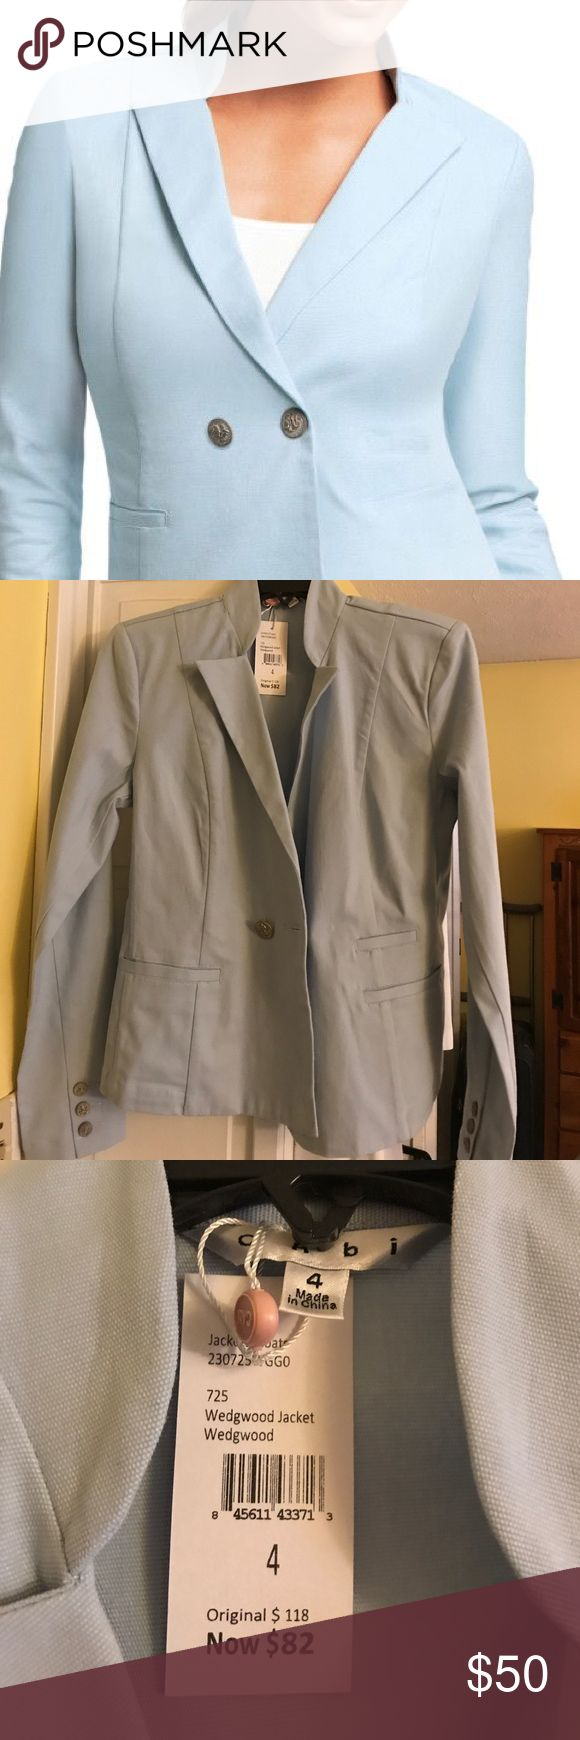 CAbi wedgewood blue blazer Size 4 Gorgeous light blue blazer new with tags! CAbi Jackets & Coats Blazers